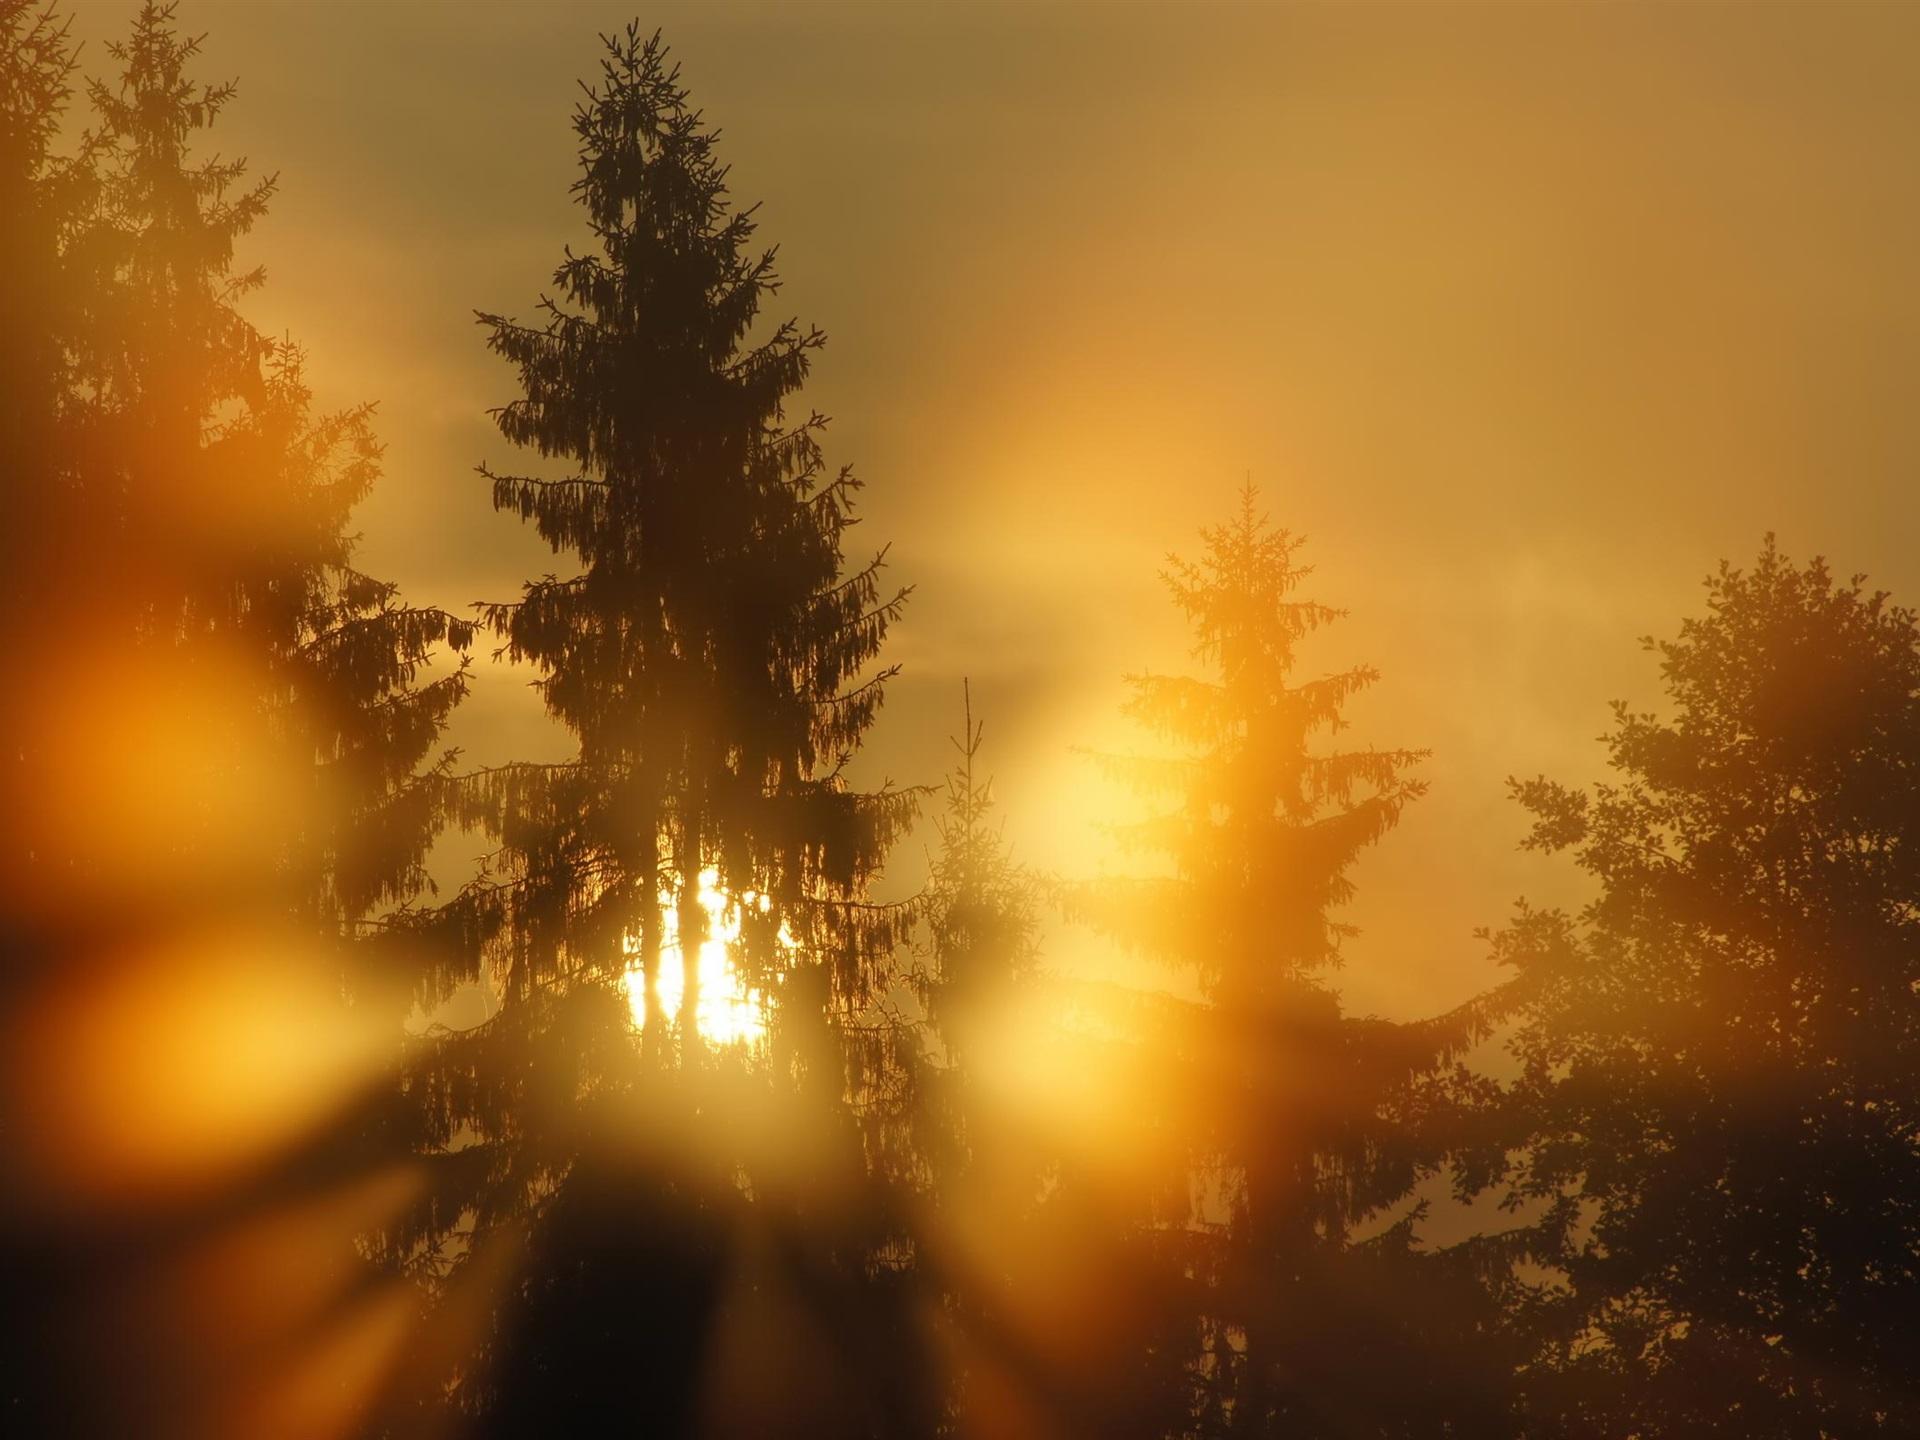 одна поздравление с первыми лучами солнца сможете избежать